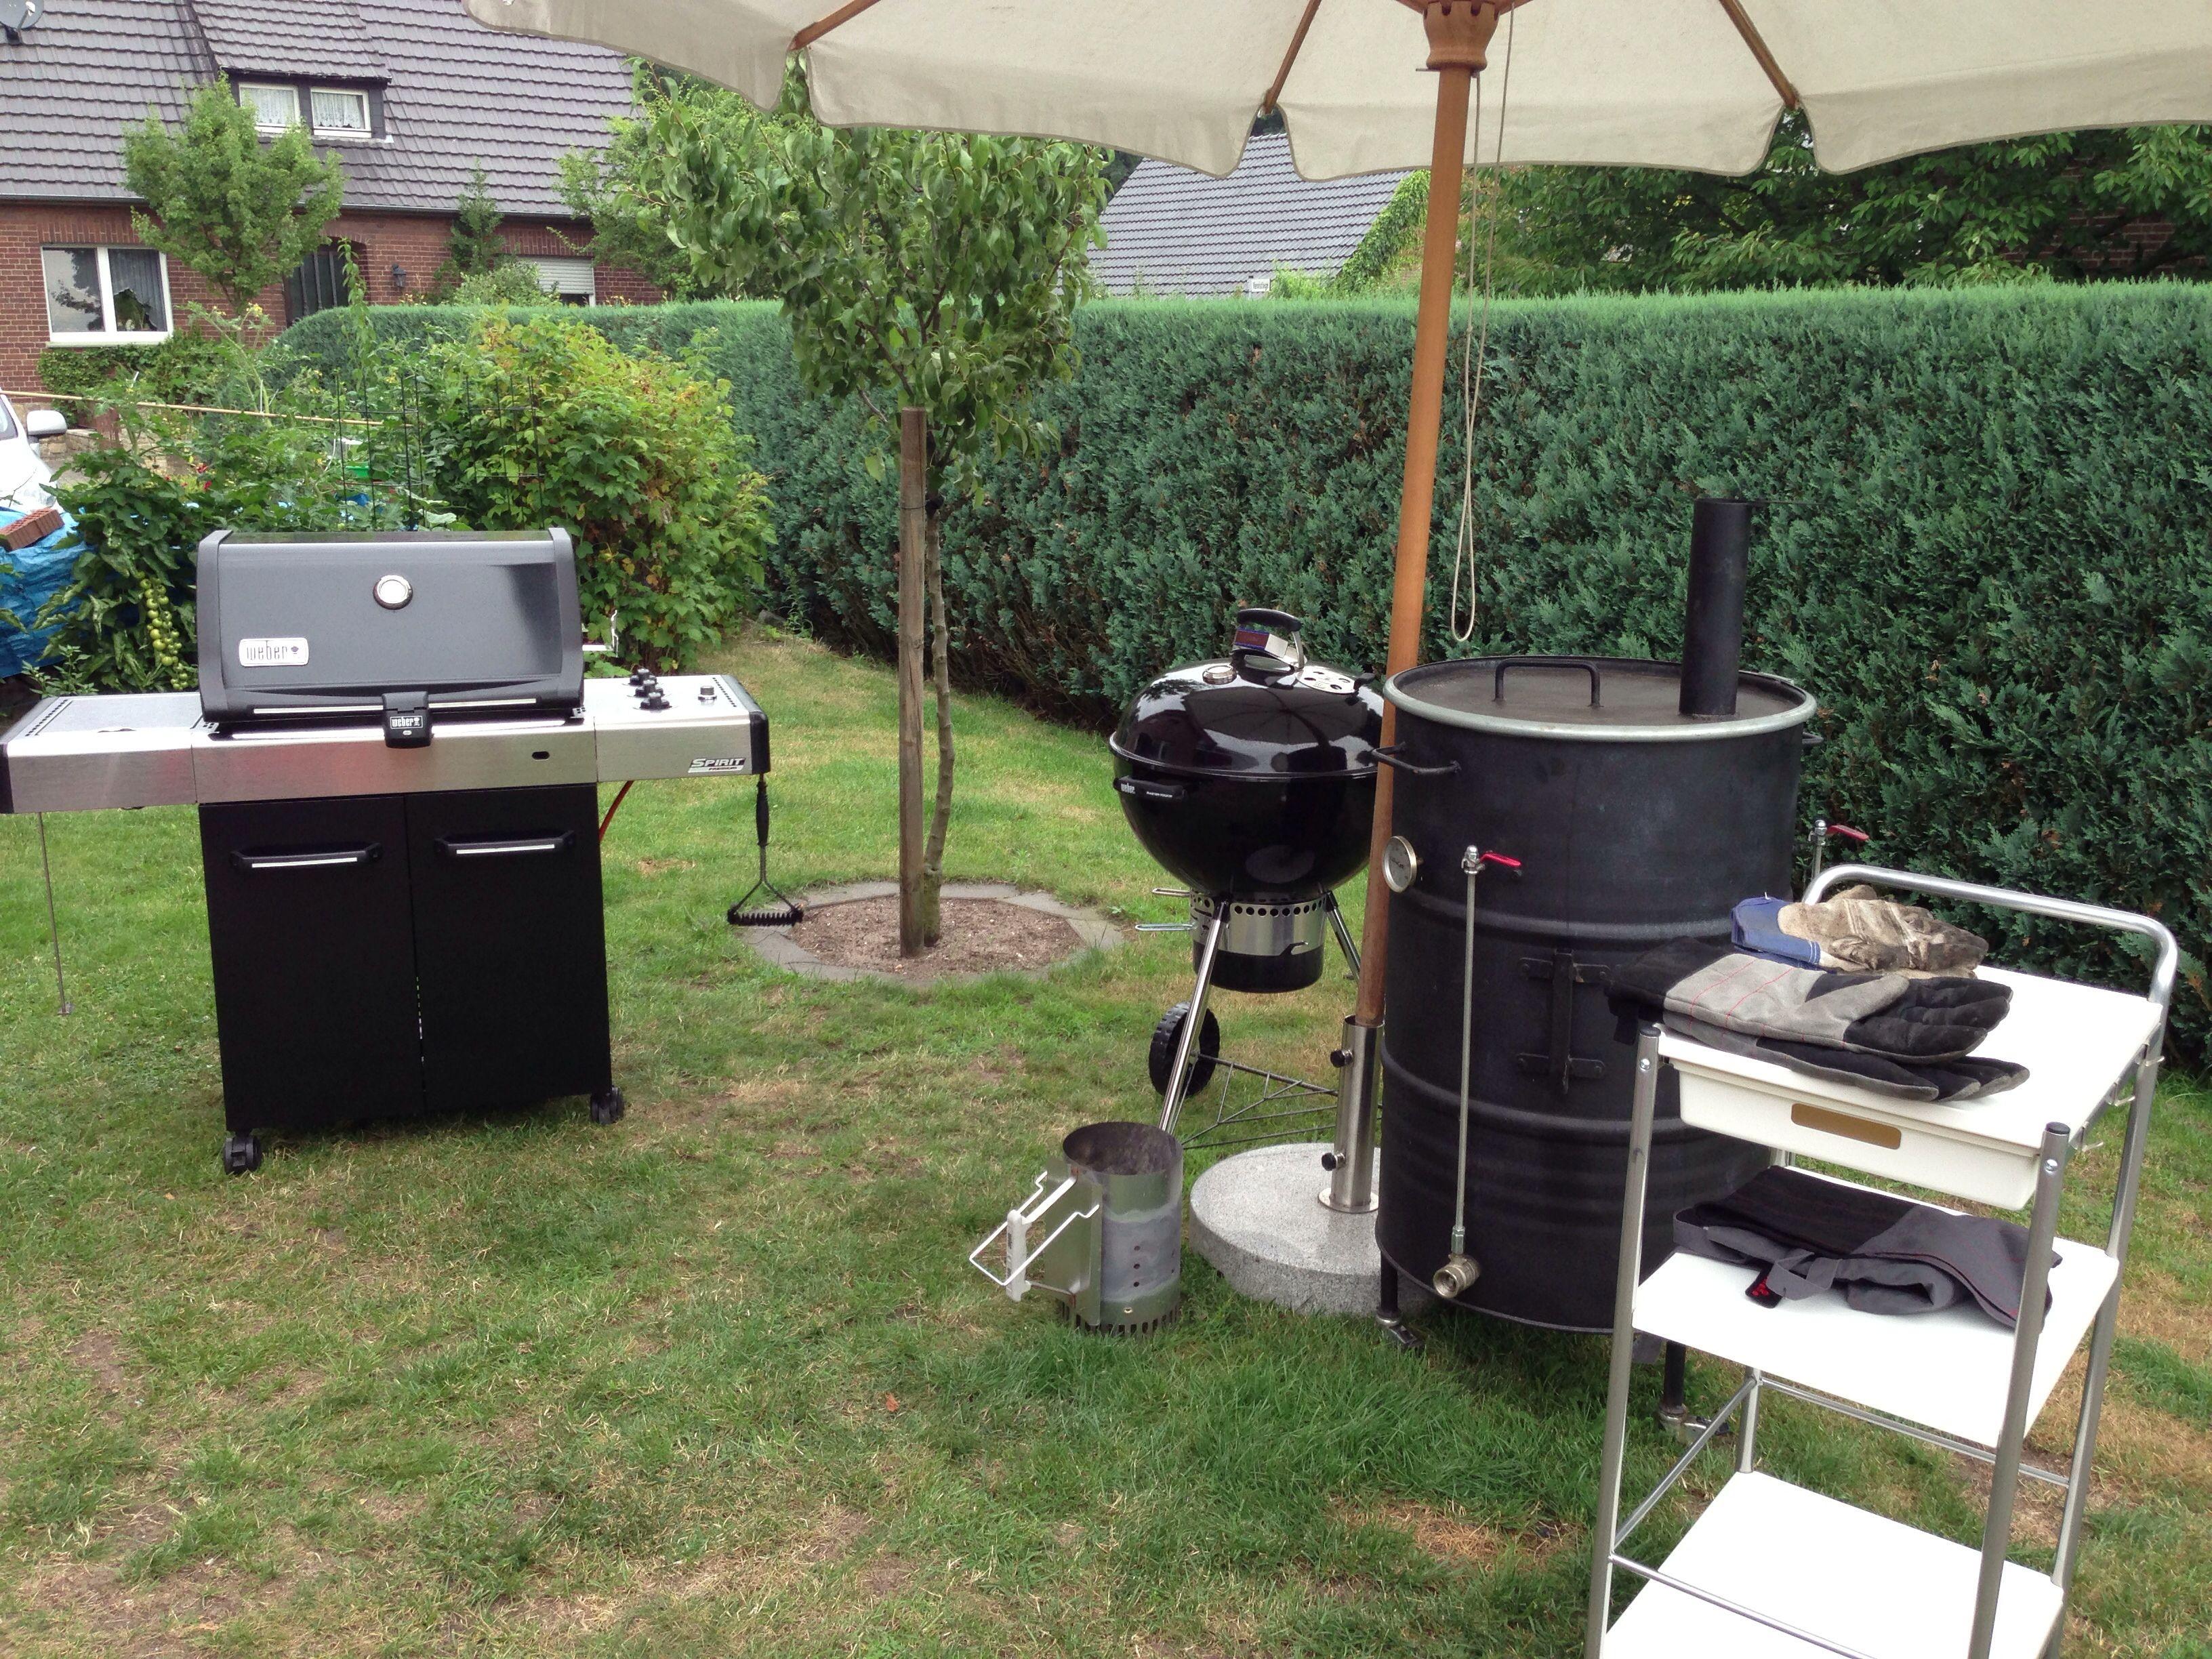 Weber Elektrogrill Lagerhaus : Das setup zur feier weber grill weber